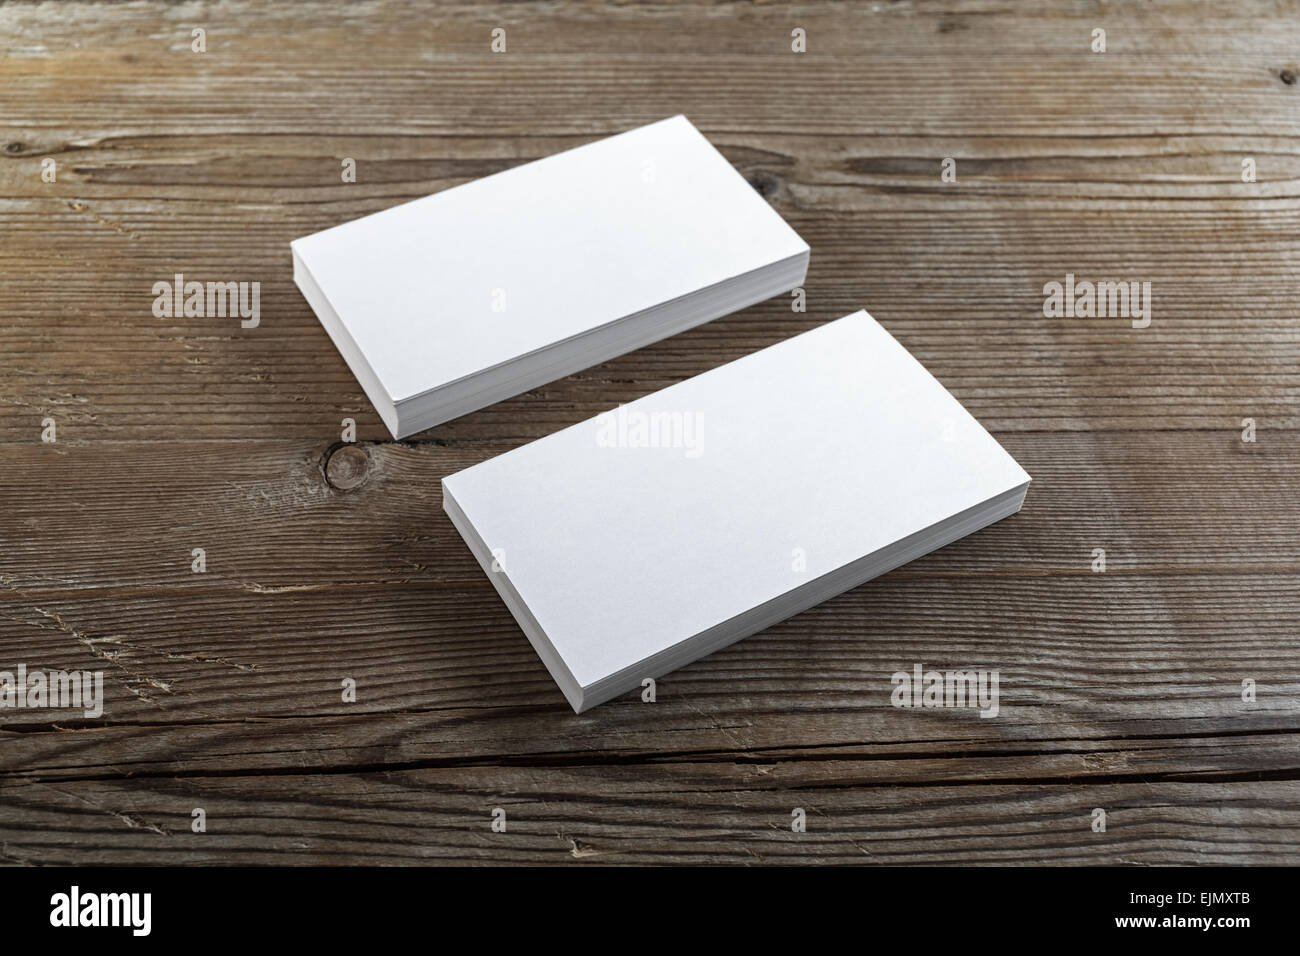 zwei stapel leer visitenkarten auf einem dunklen hintergrund aus